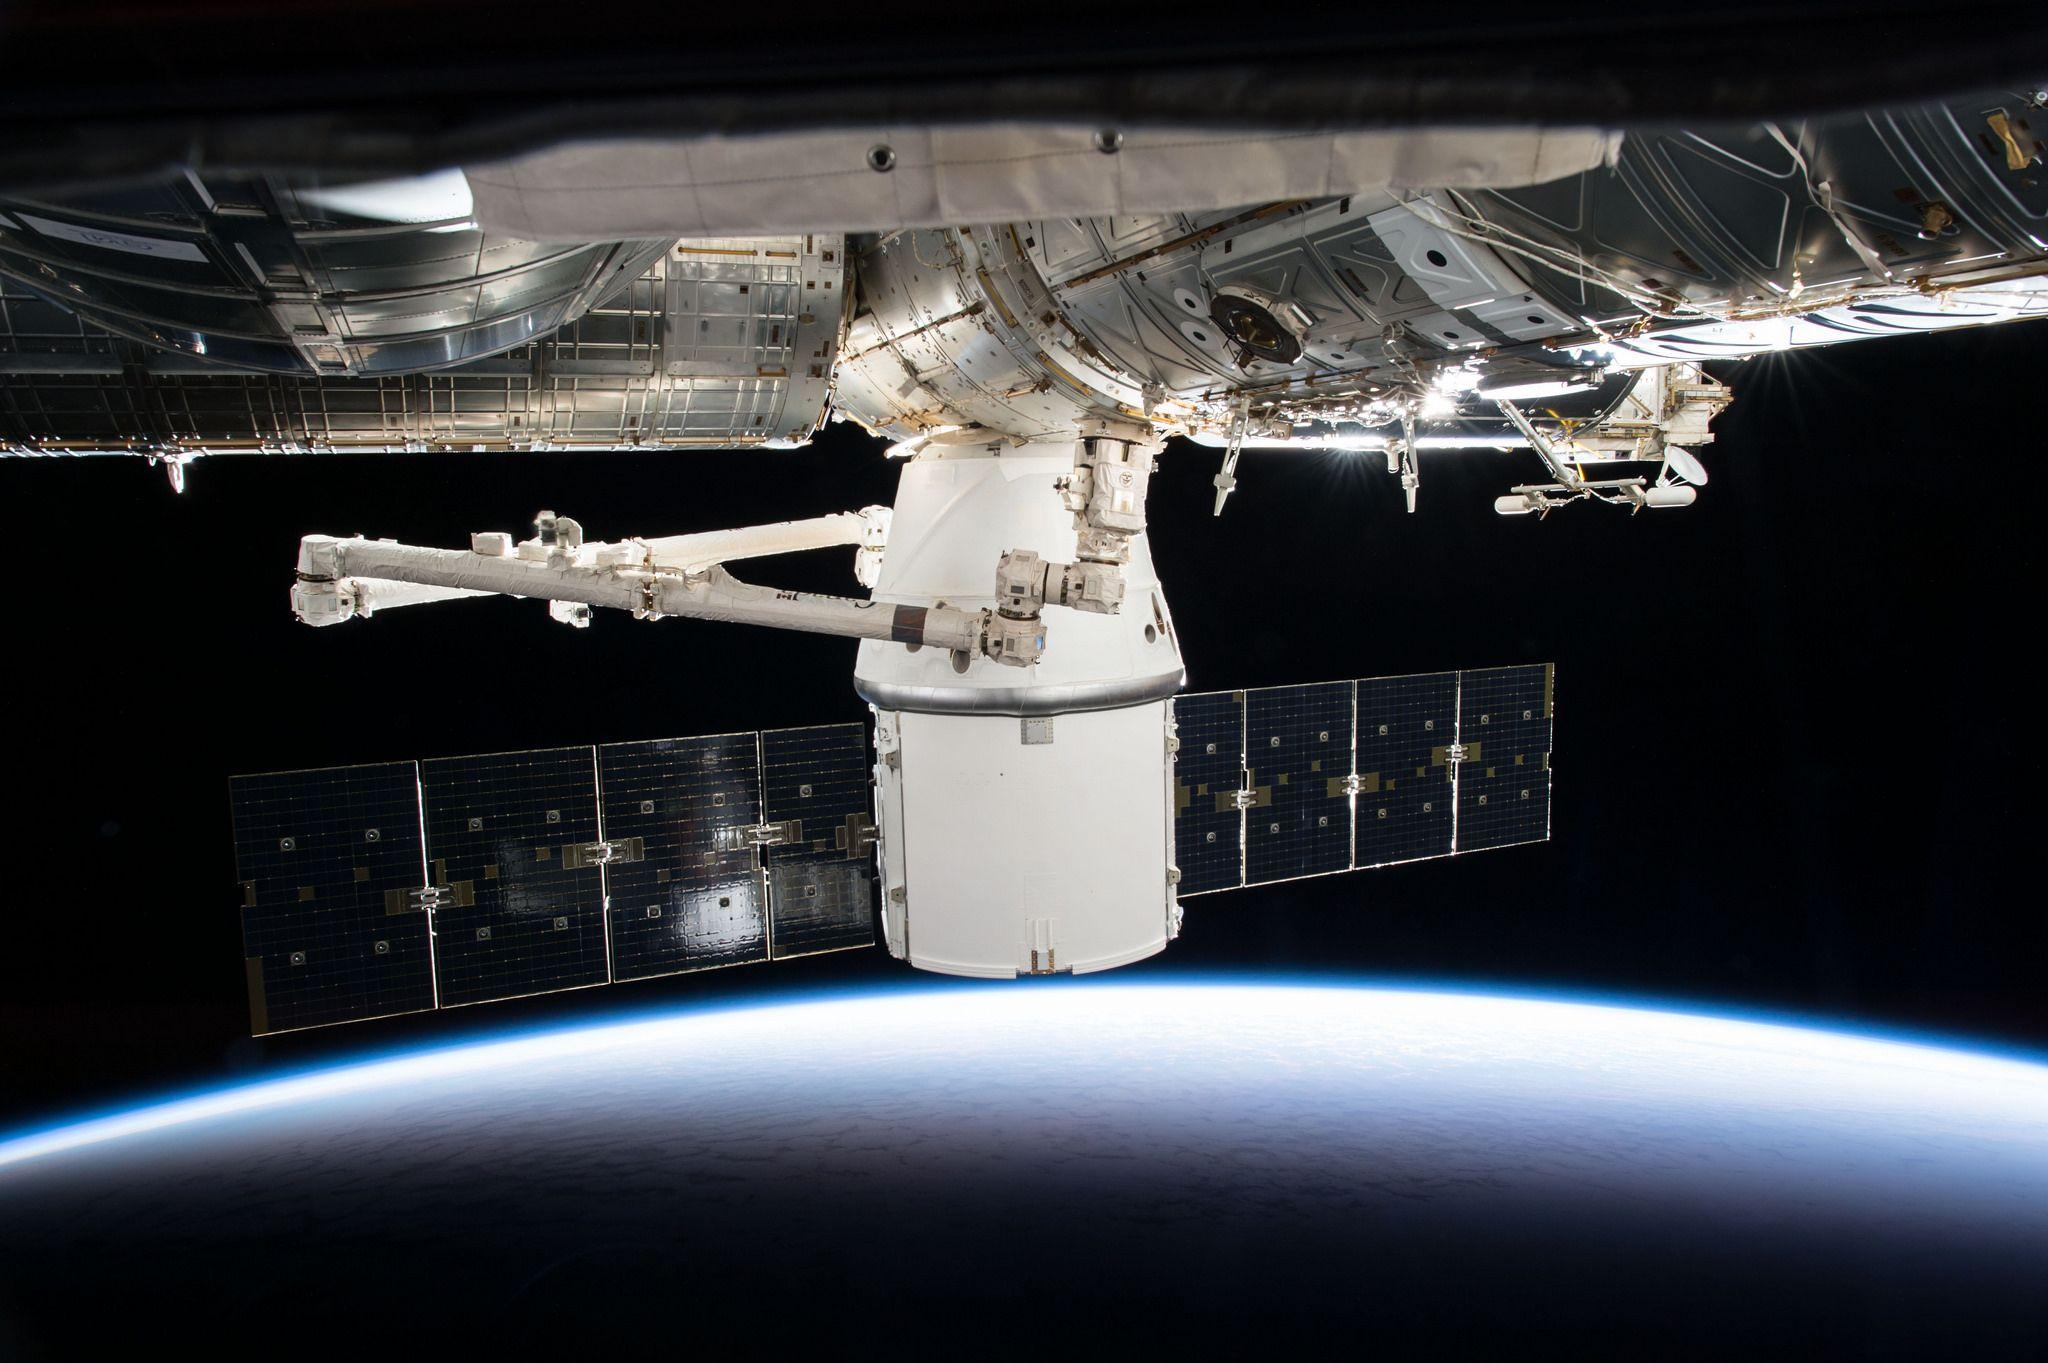 12_12_SpaceX Dragon